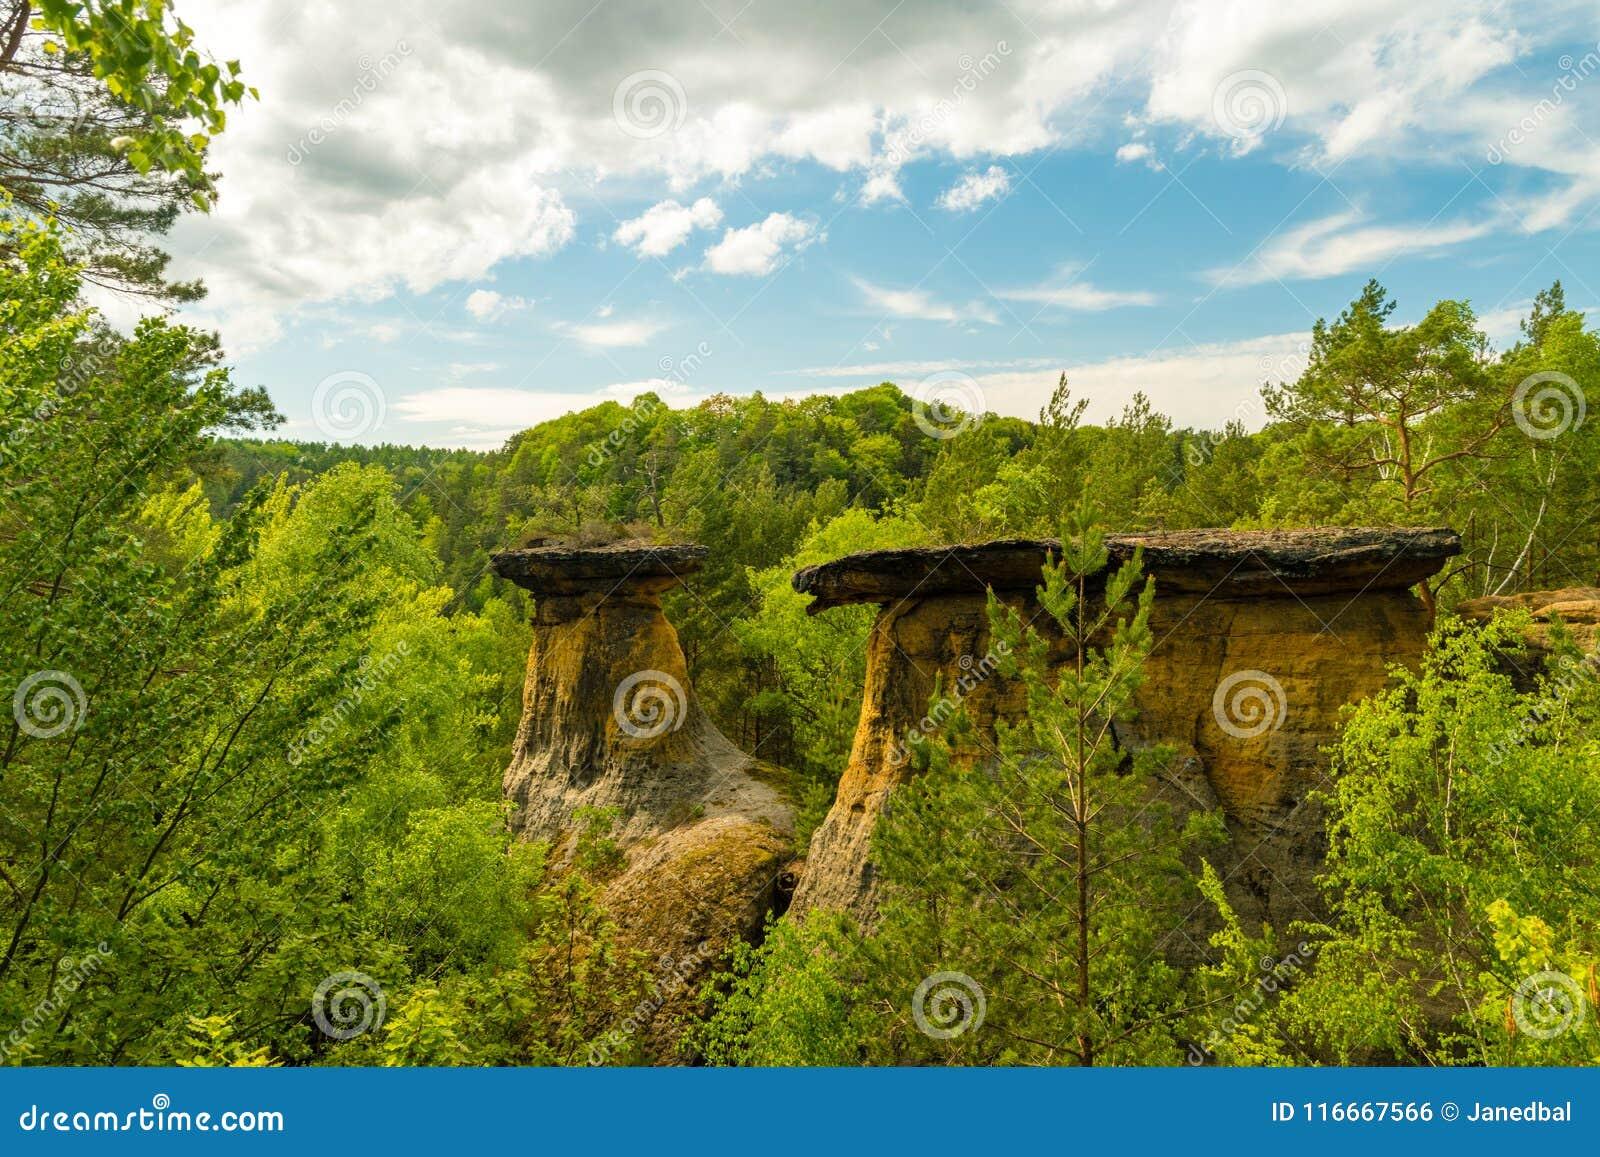 Rocas de la piedra arenisca de Poklicky, Kokorinsko, kraj de Machuv, área protegida del paisaje, República Checa